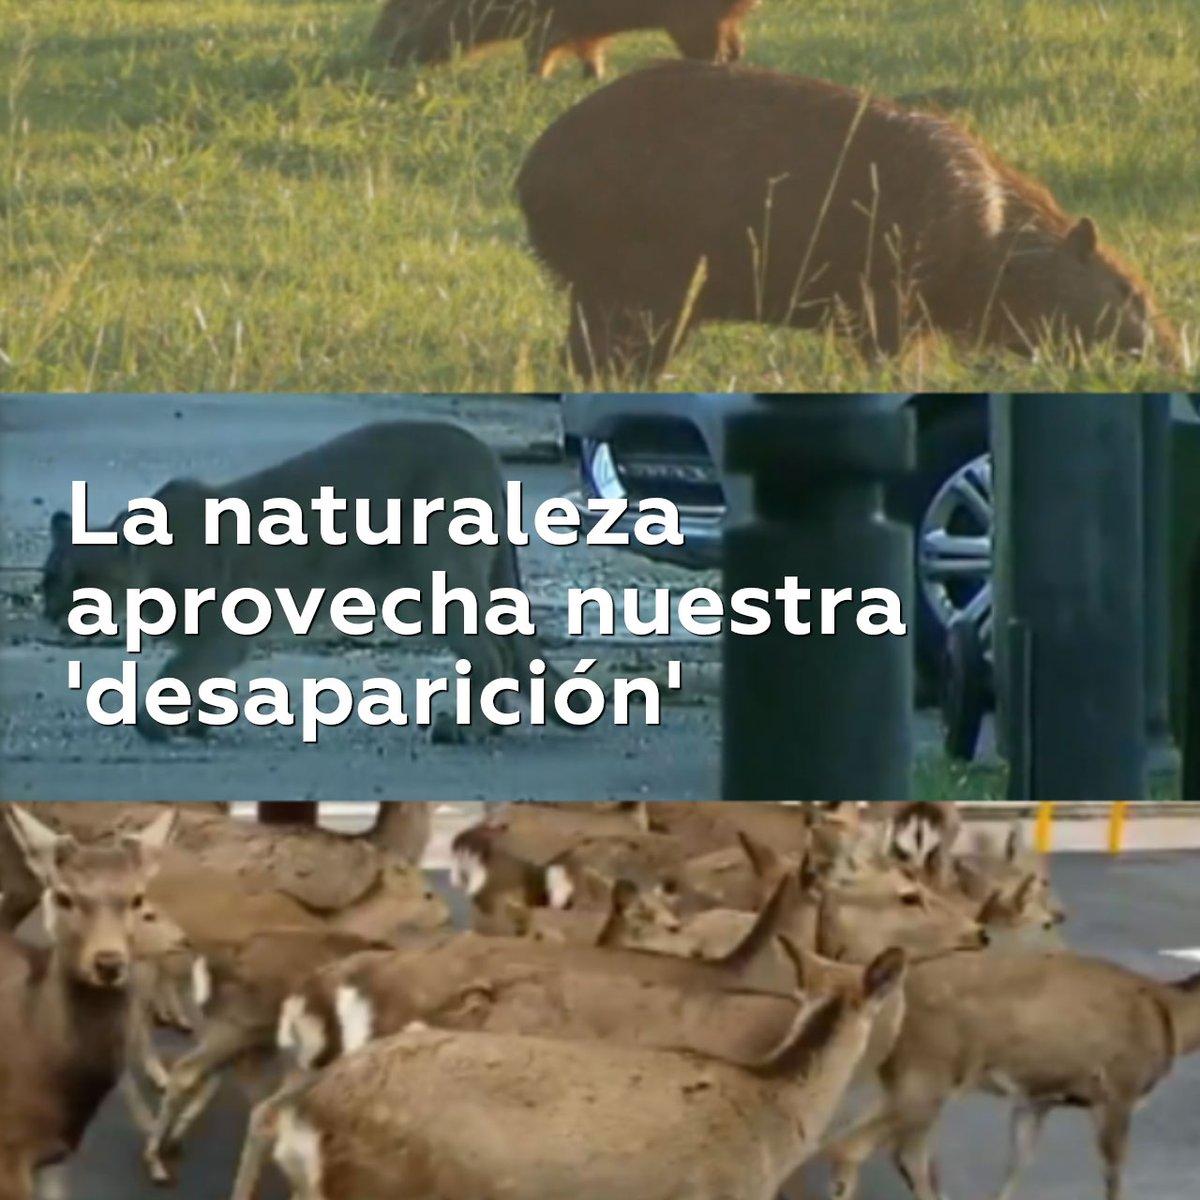 Jaguares y pavos recuperan sus territorios en zonas turísticas del mundo tras el cierre en casi todos los países del mundo por la pandemia de covid-19